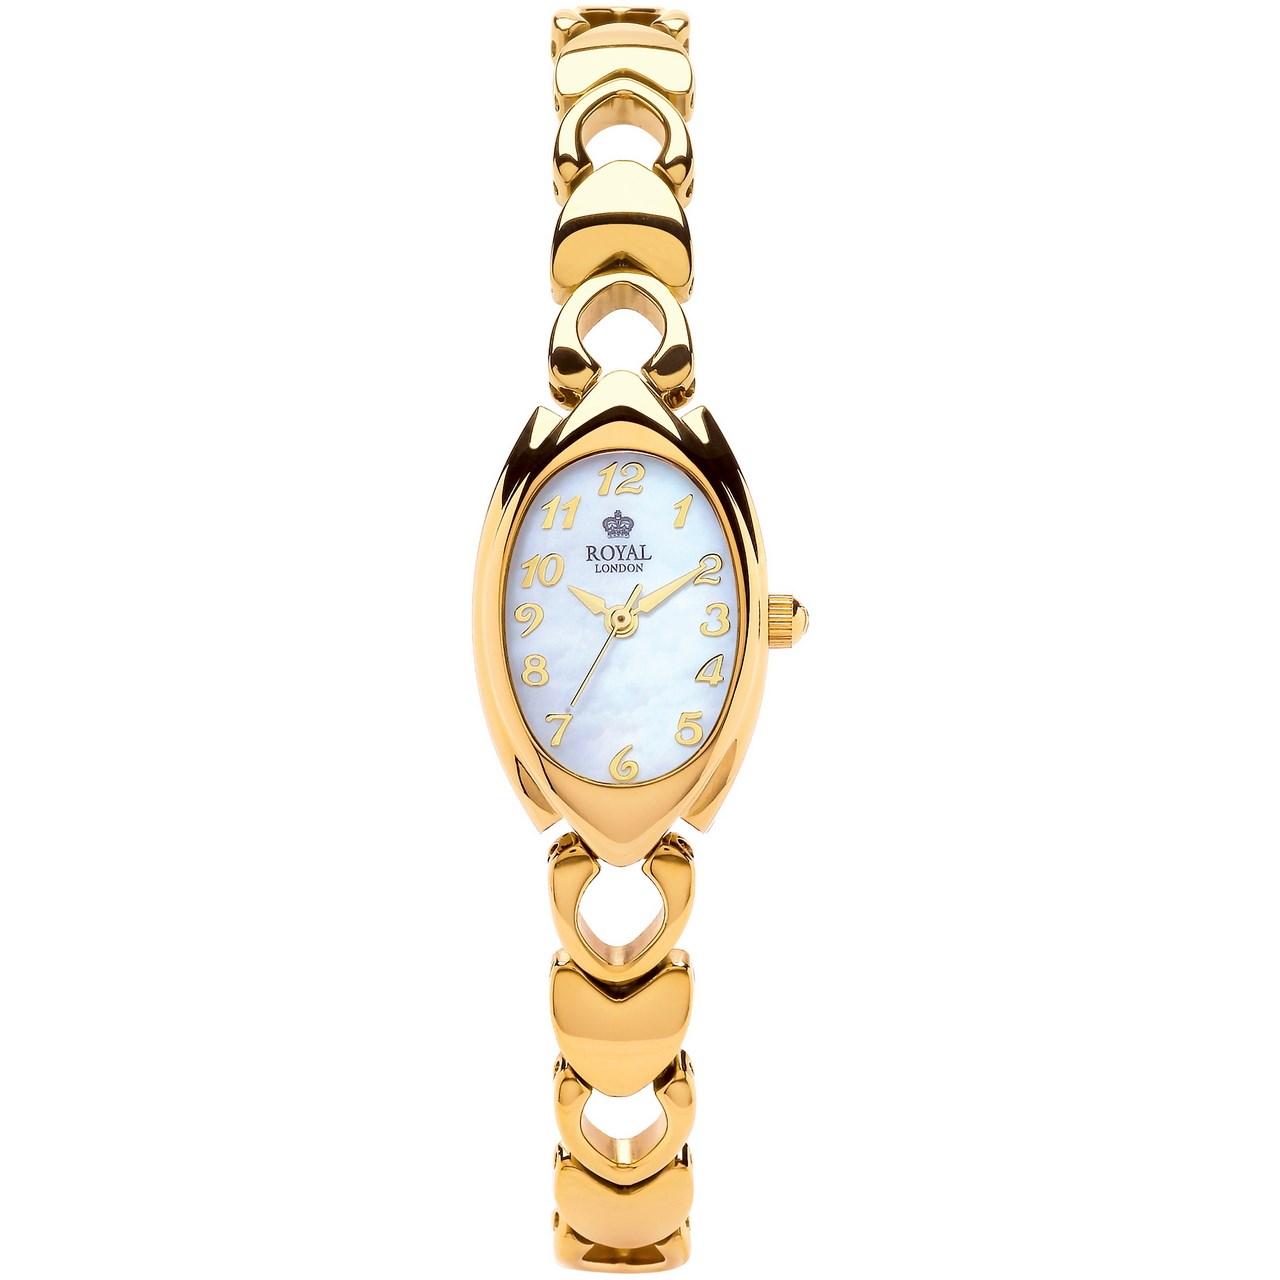 ساعت مچی عقربه ای زنانه رویال لندن مدل RL-21241-02